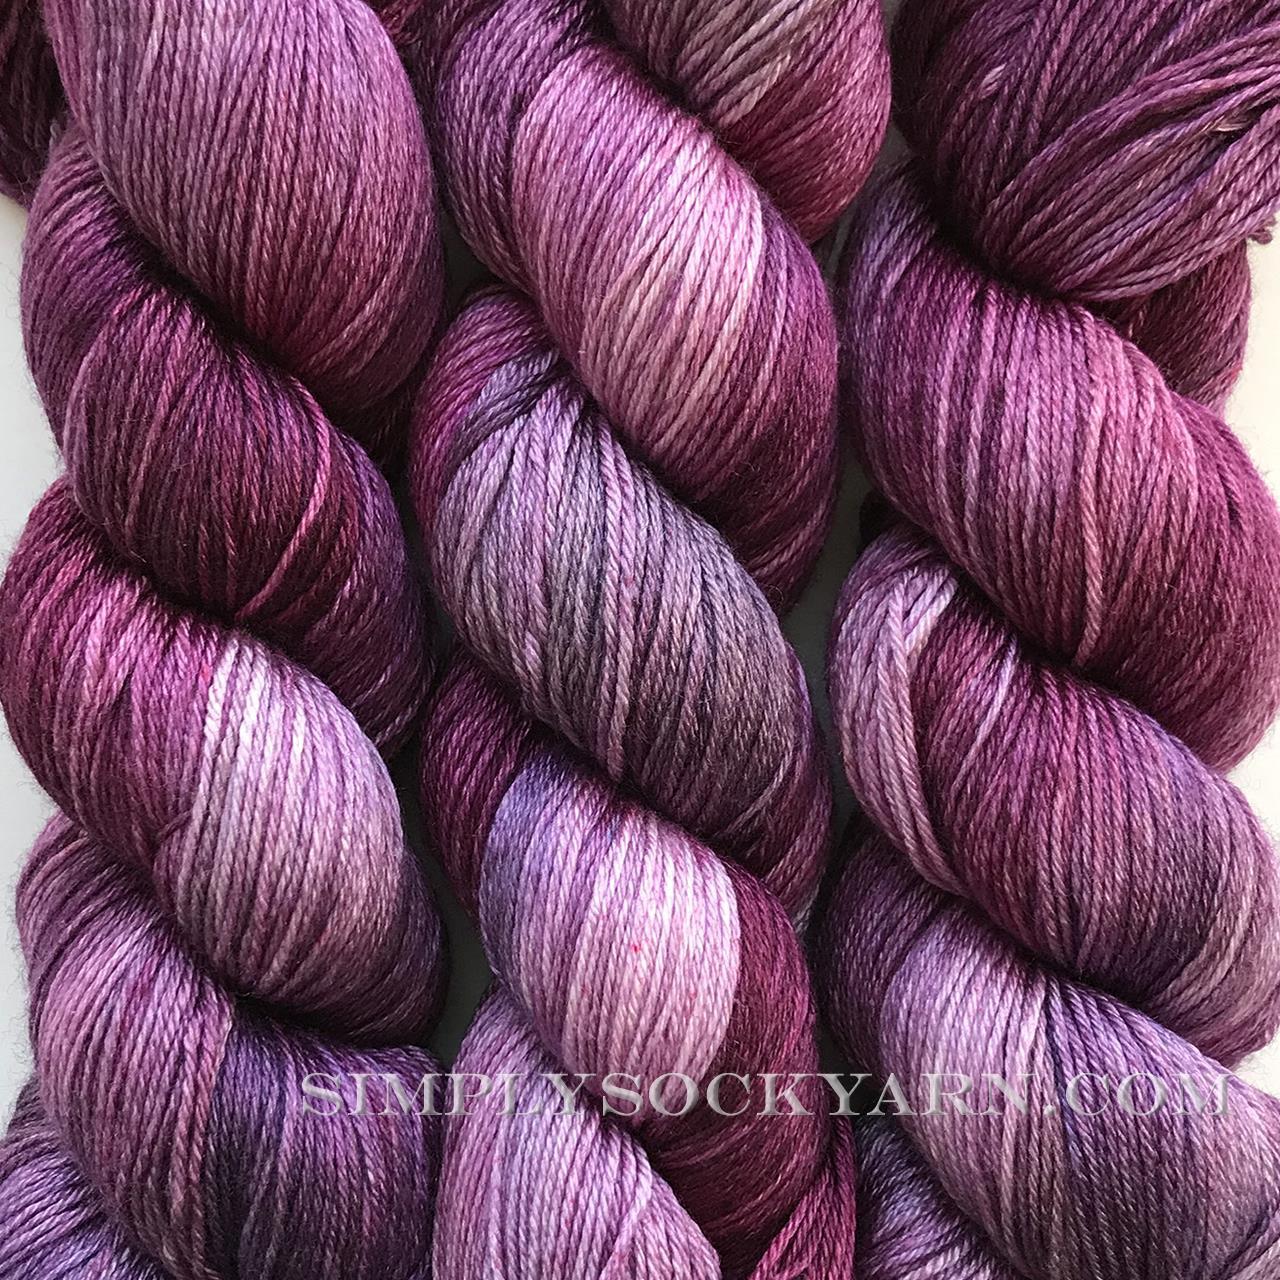 LITLG Silk Rose Garnet -